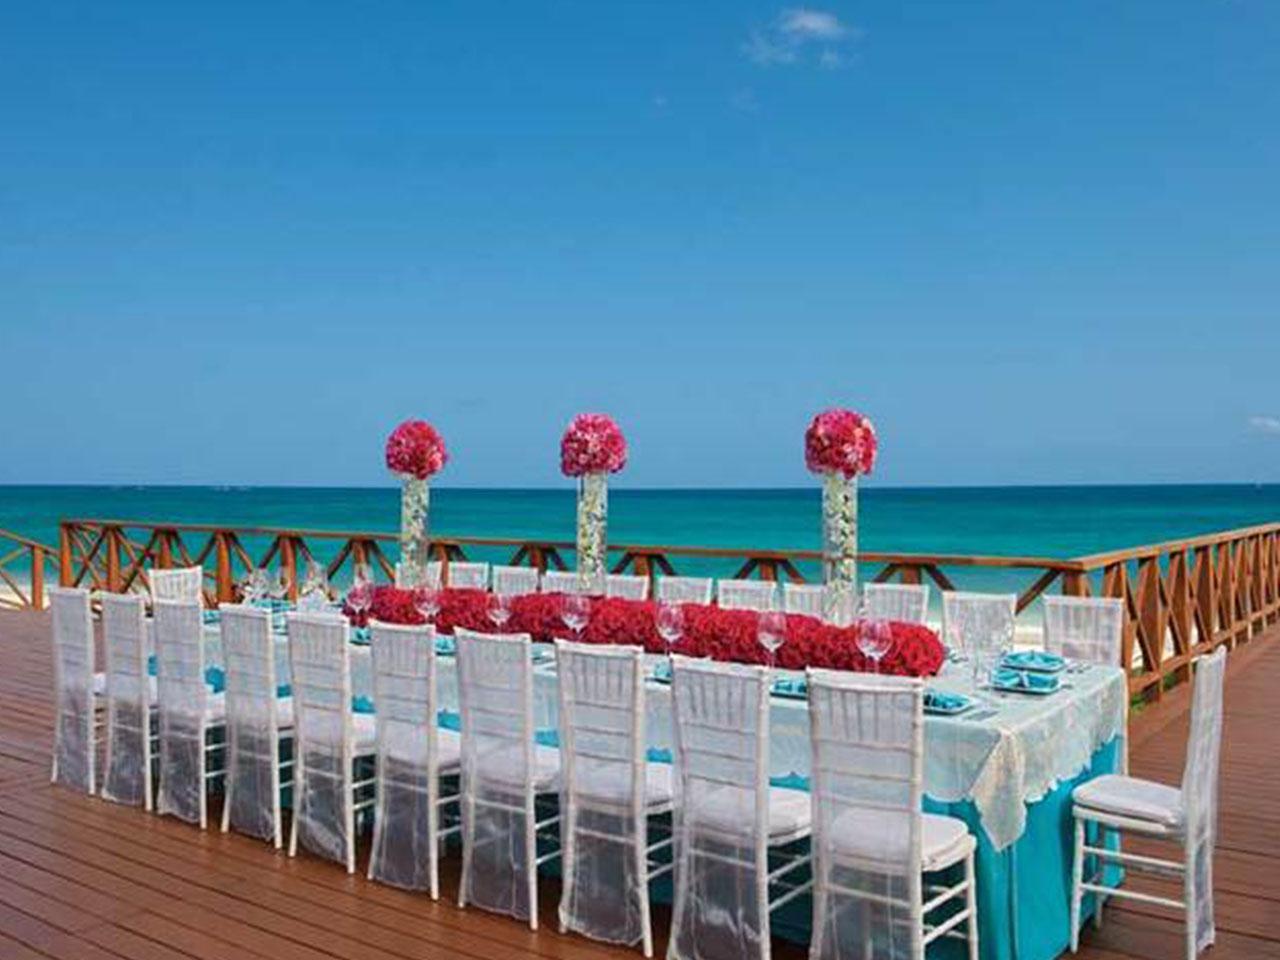 wedding Planner en Monterrey, Boda en la playa, Las mejores bodas en la playa en México -wedding Planner en Monterrey, Boda en la playa, Las mejores bodas en la playa en México -Paquete Zafiro